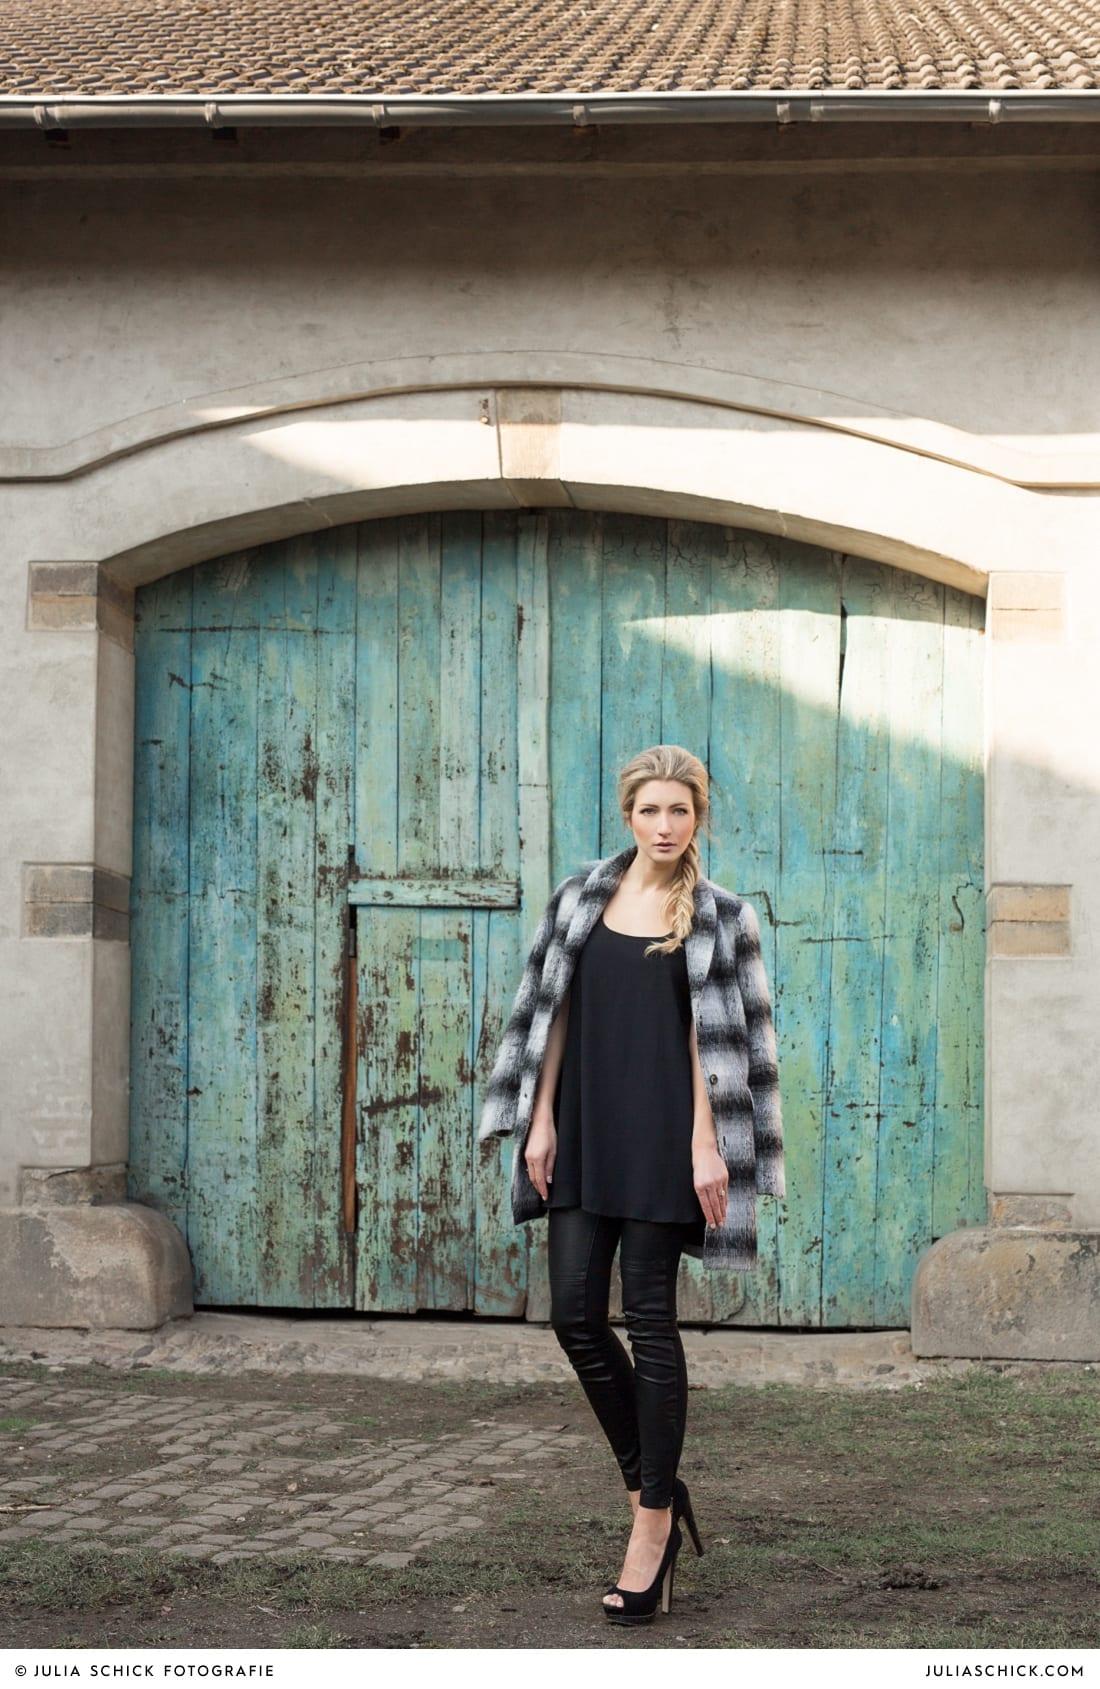 Fashionshooting von Modefotografin Julia Schick und Make-up-Artist Sandra Globke. Frau in schwarzem Outfit mit gestreiftem Mantel von H&M vor türkisem Tor in Bochum.